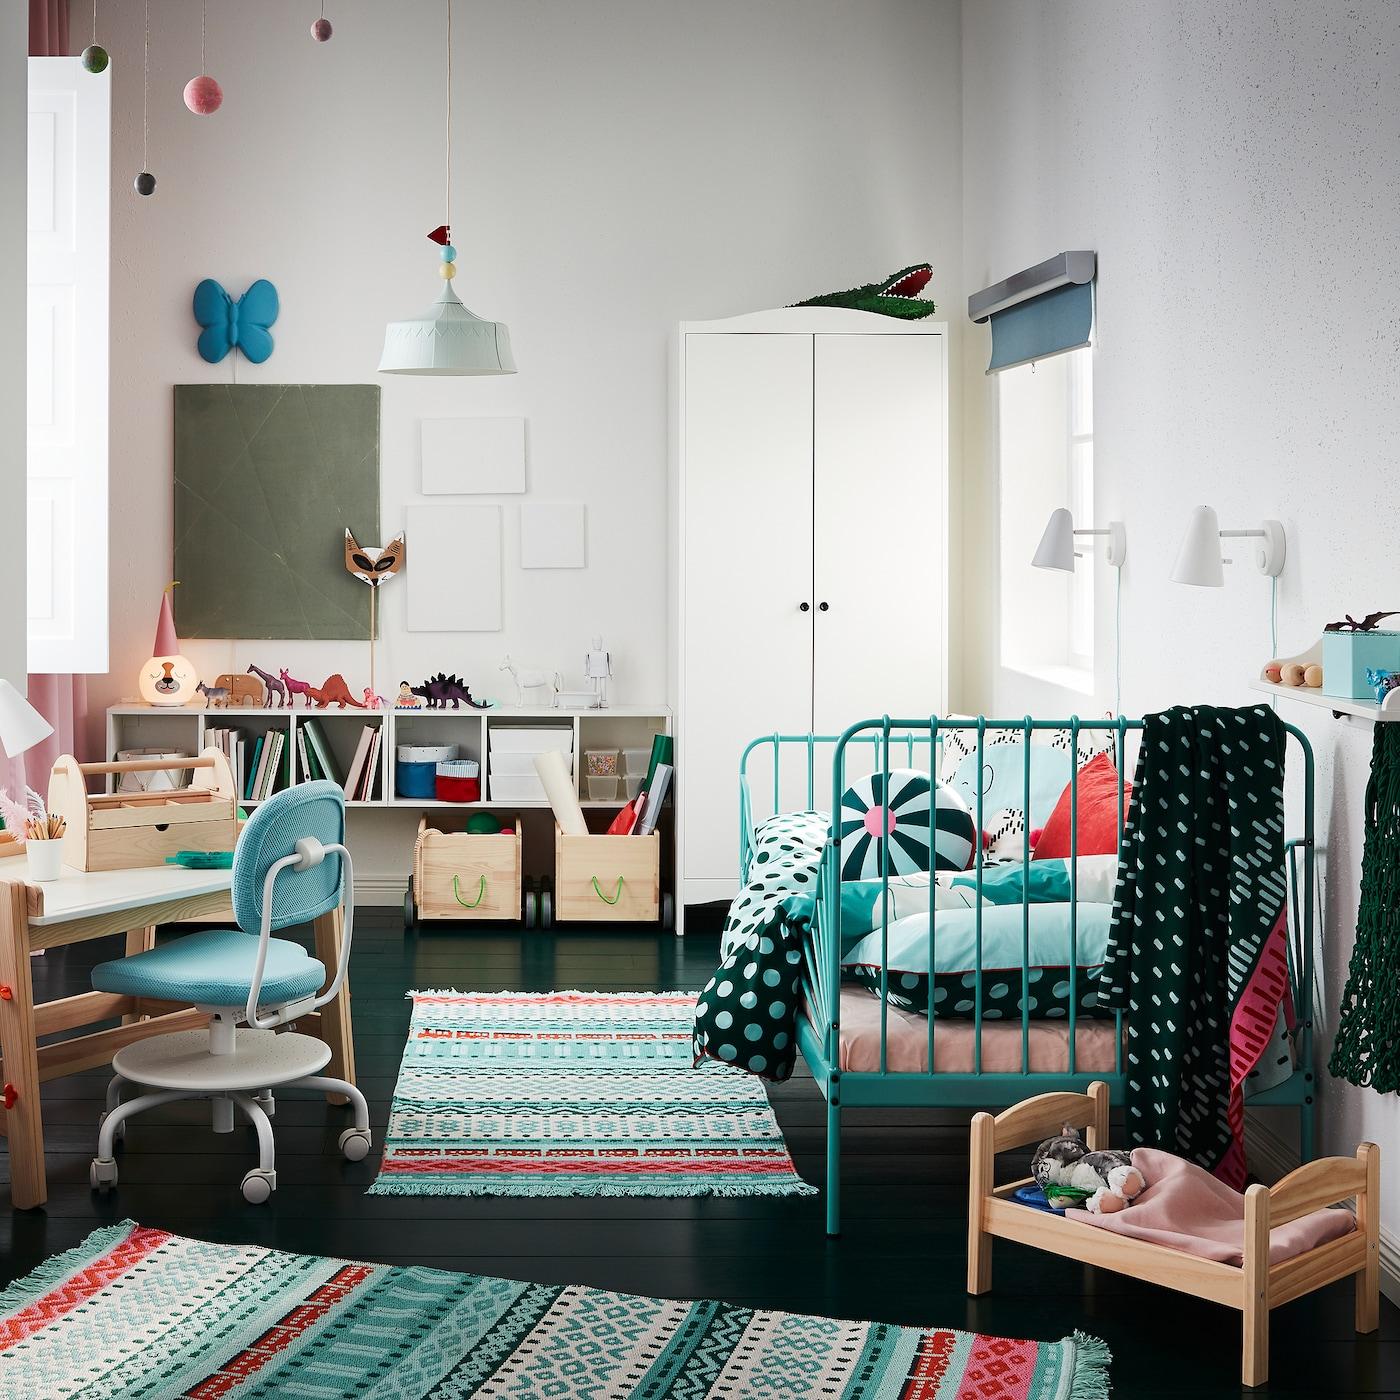 Gyerekszoba, színes szőnyegekkel, türkiz ágykerettel, fehér gardróbbal, rózsaszín függönyökkel és gyerek íróasztallal.